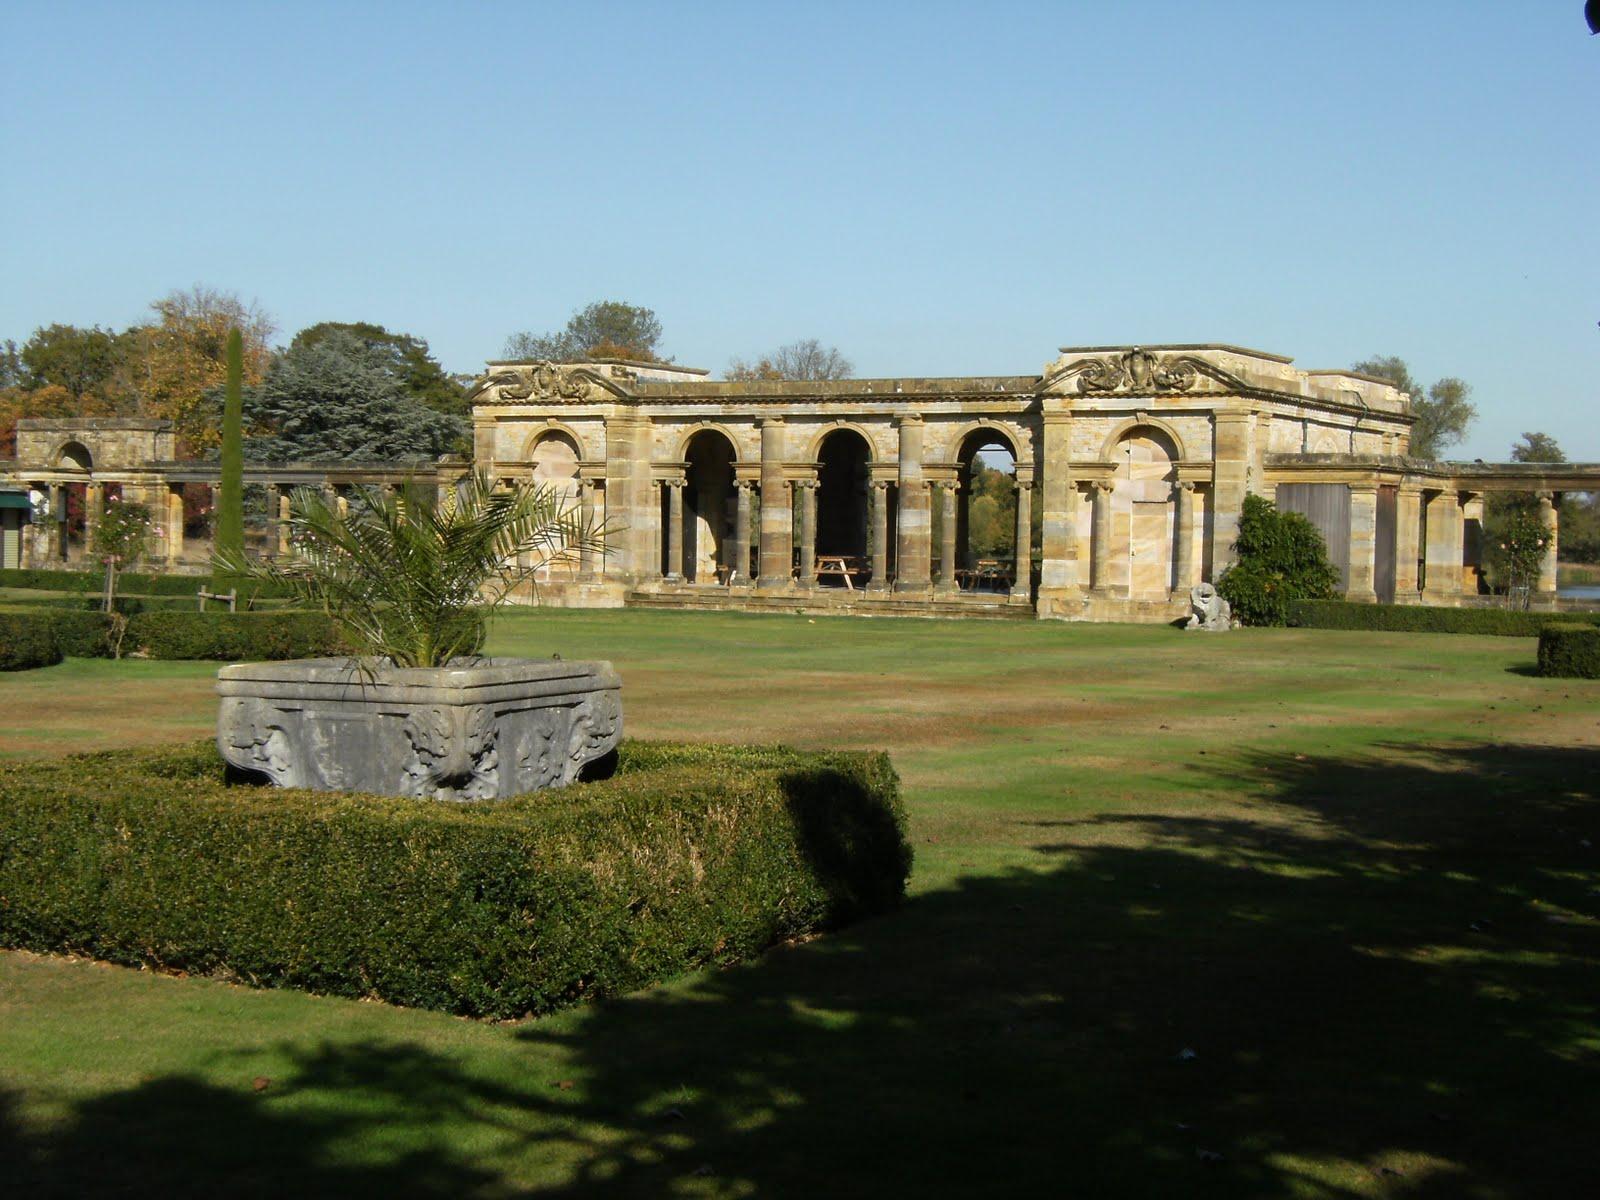 DSCF1988 Italian Garden at Hever Castle